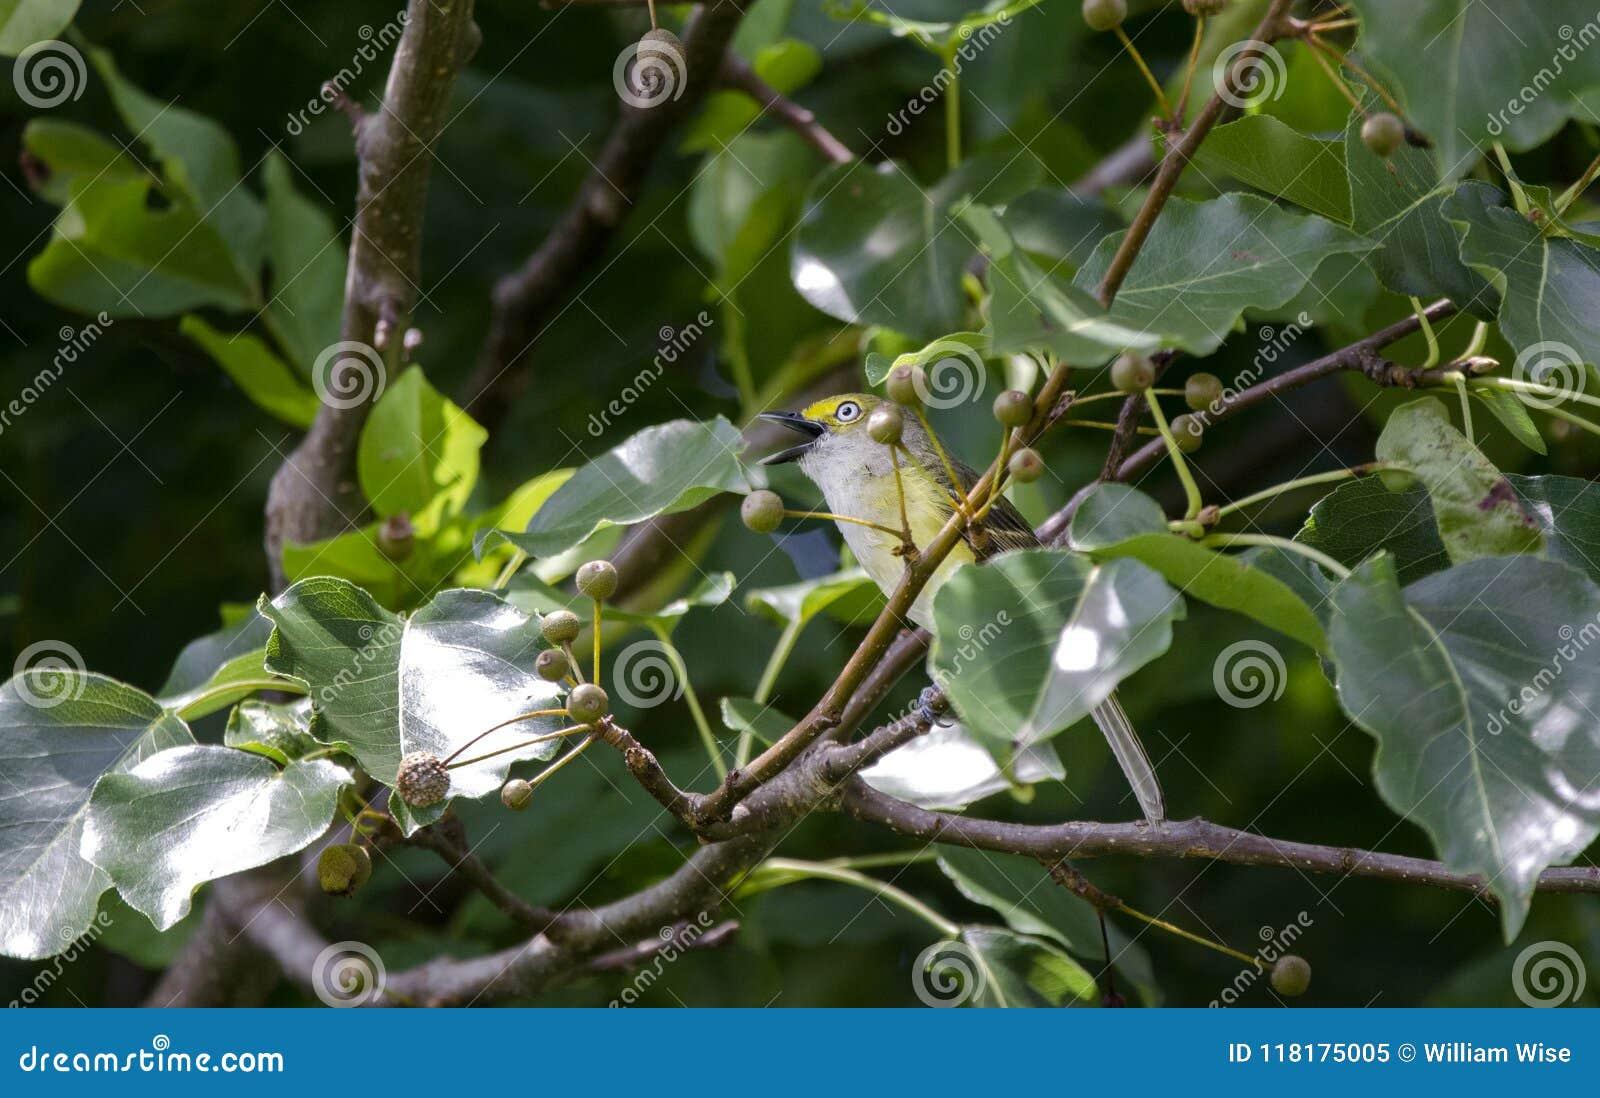 Άσπρος-eyed τραγούδι Songbird Vireo στο δέντρο αχλαδιών του Μπράντφορντ, Γεωργία ΗΠΑ